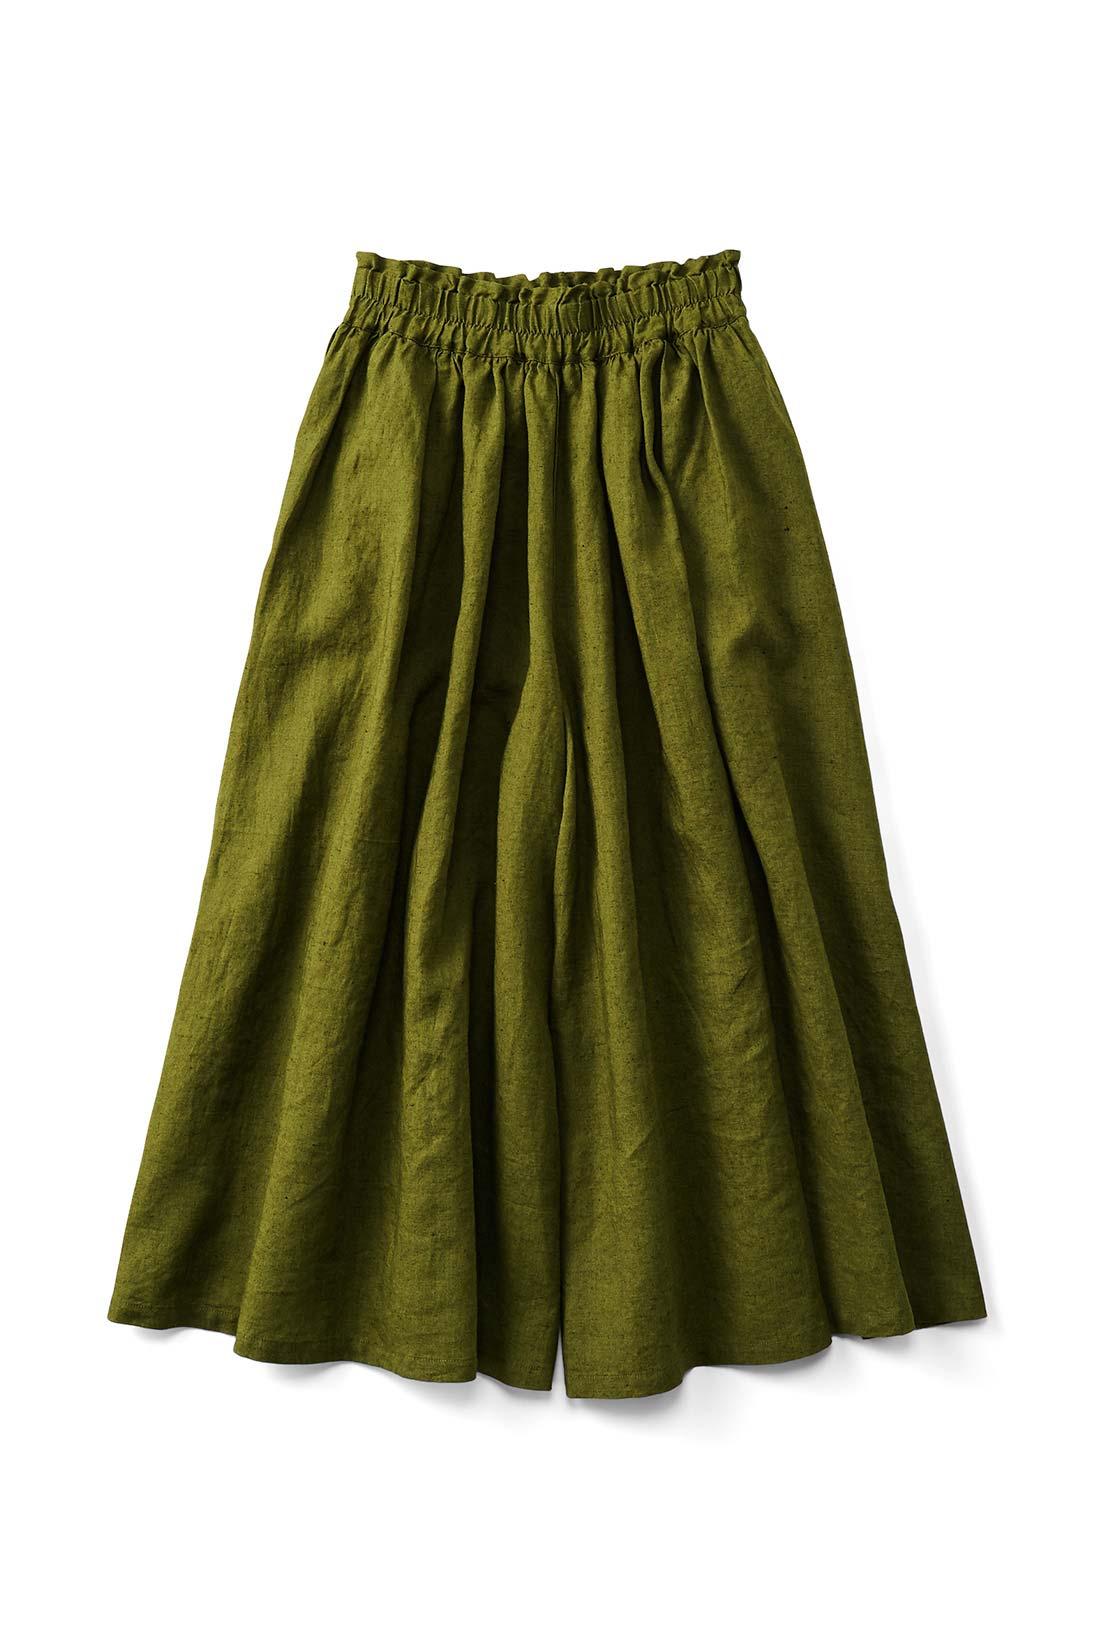 〈カーキ〉 スカートみたいに見えるけれど、実はパンツっていうのがいいでしょ。